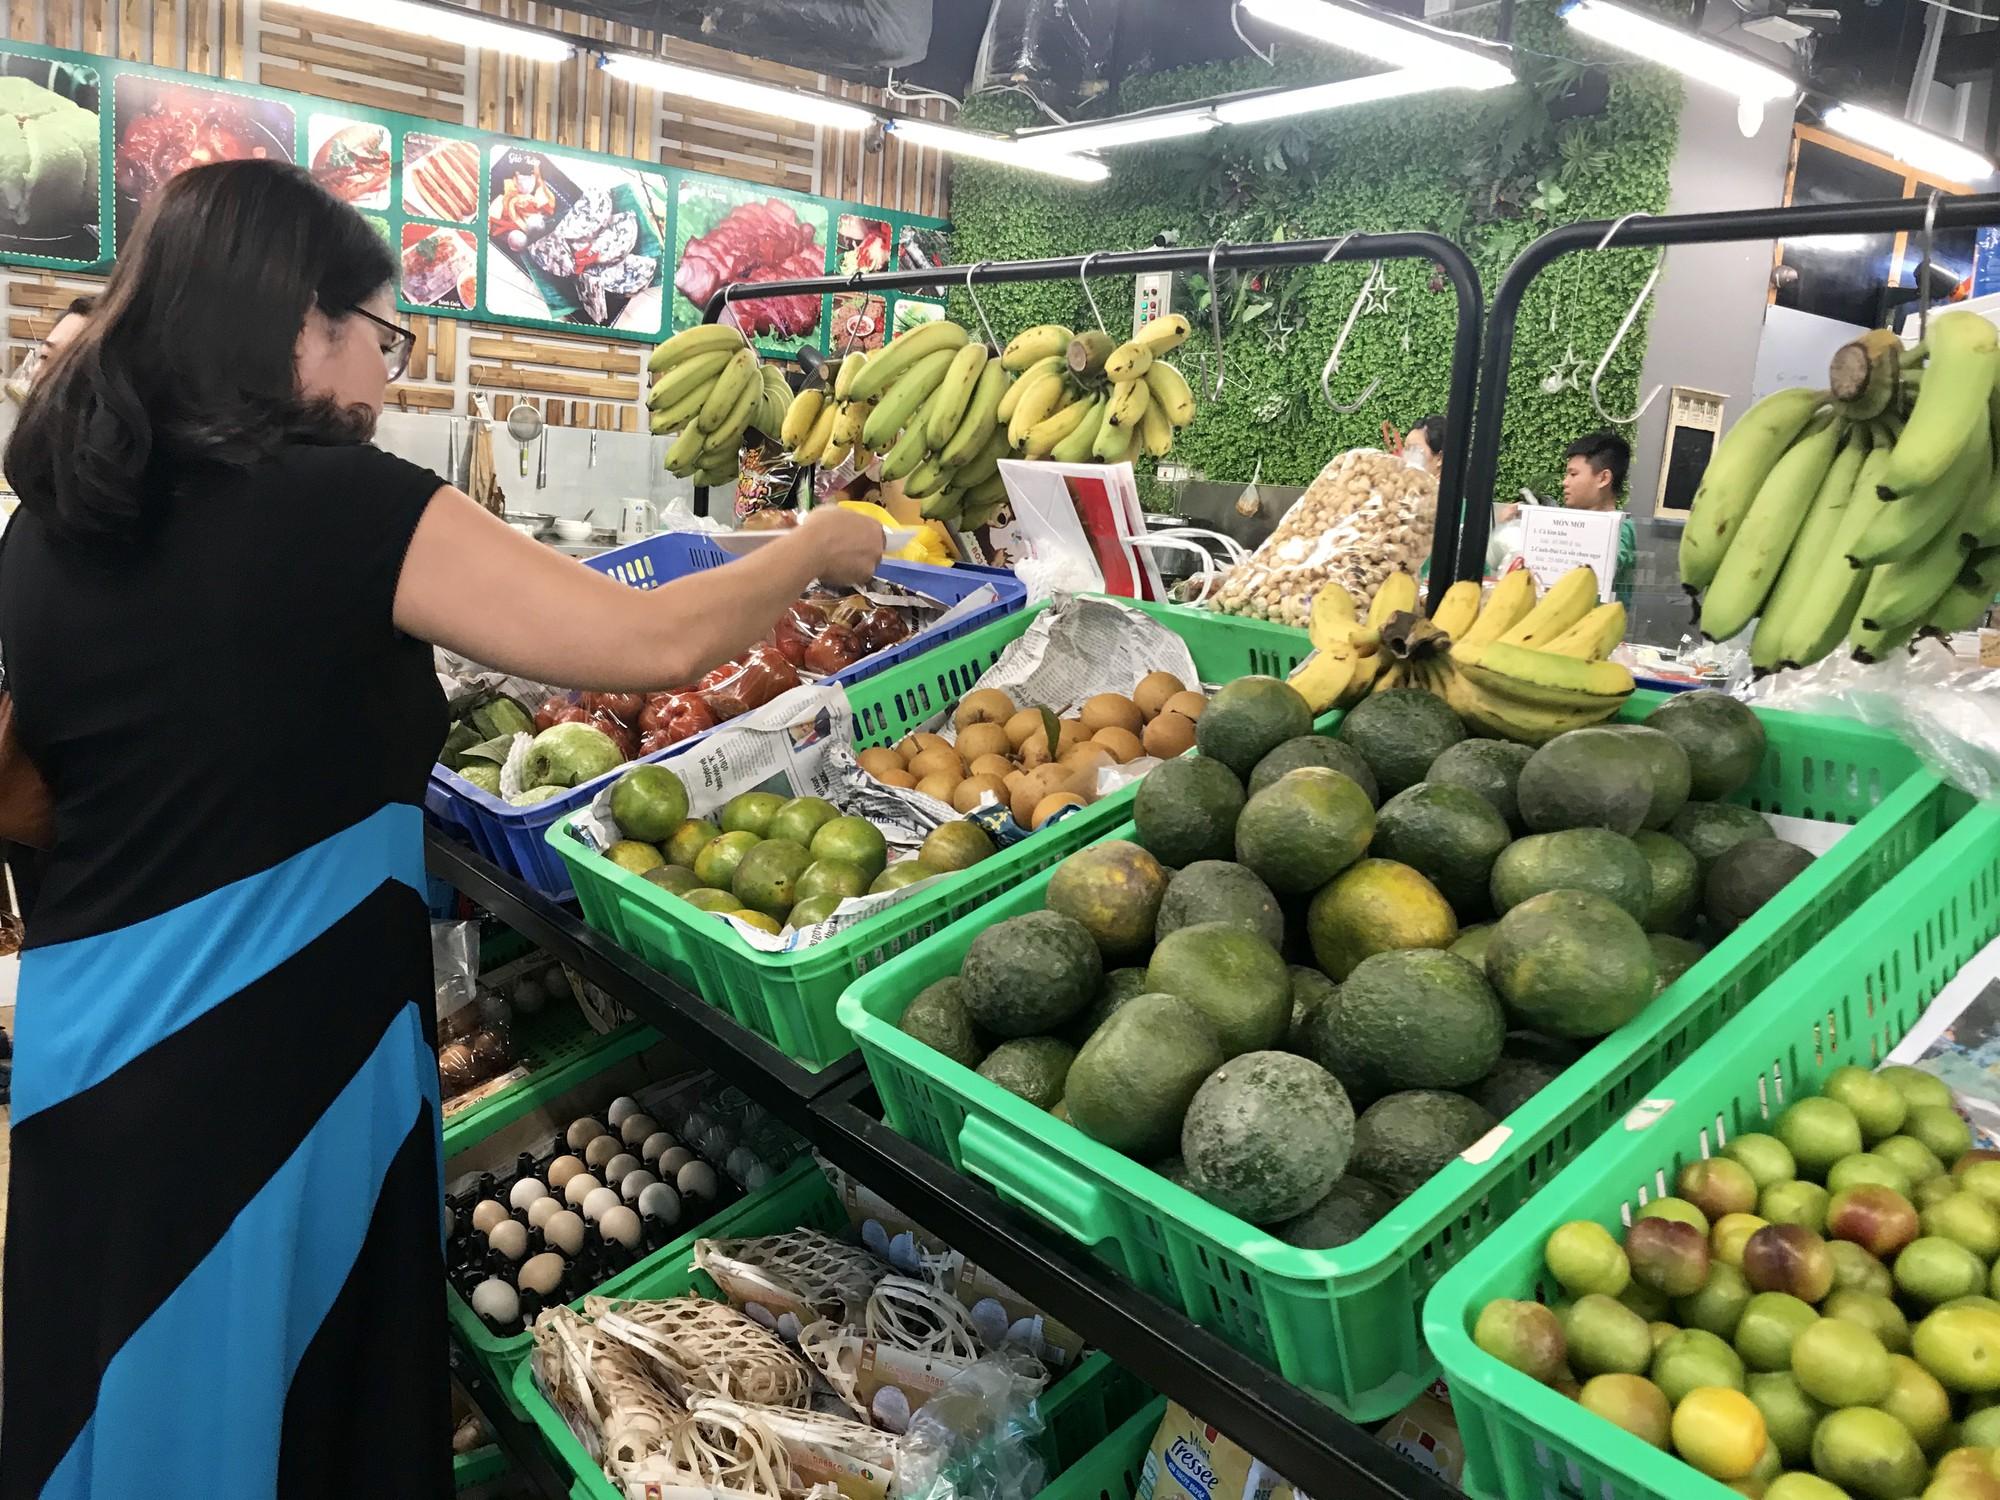 Cập nhật thực đơn siêu giảm giá tại các cửa hàng thực phẩm sạch - Ảnh 2.